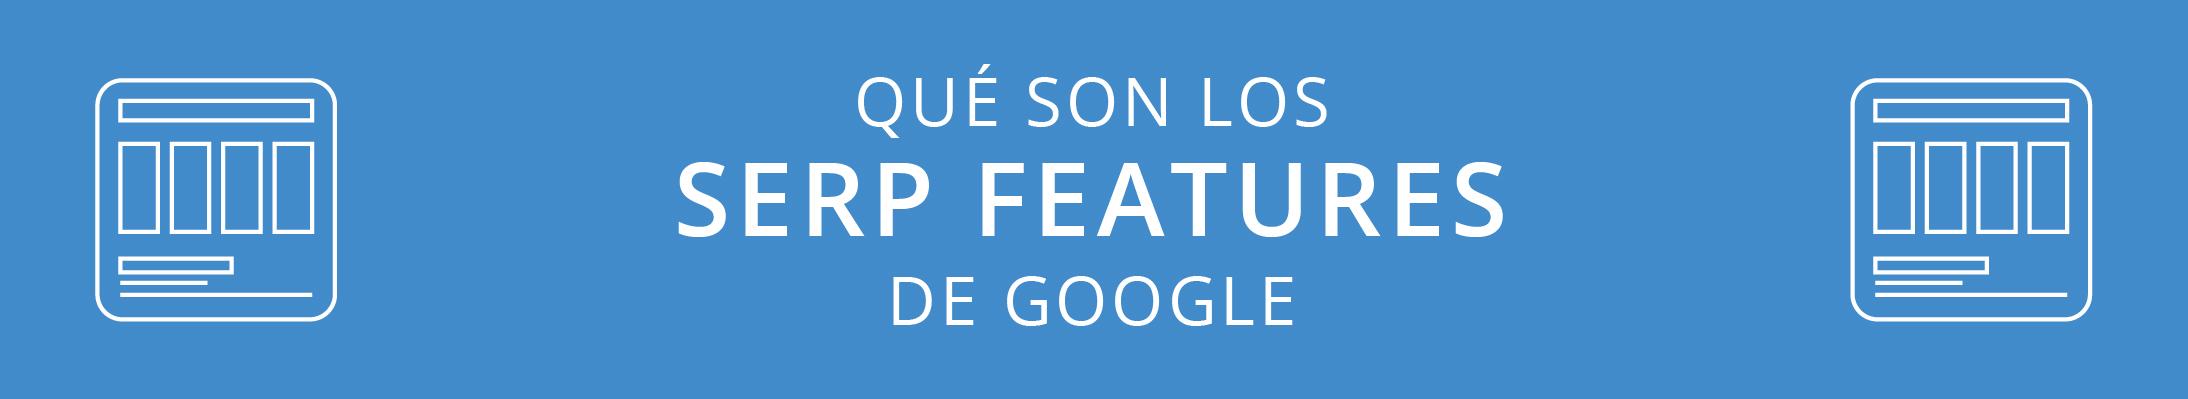 ¿Qué son las funciones SERP de Google?